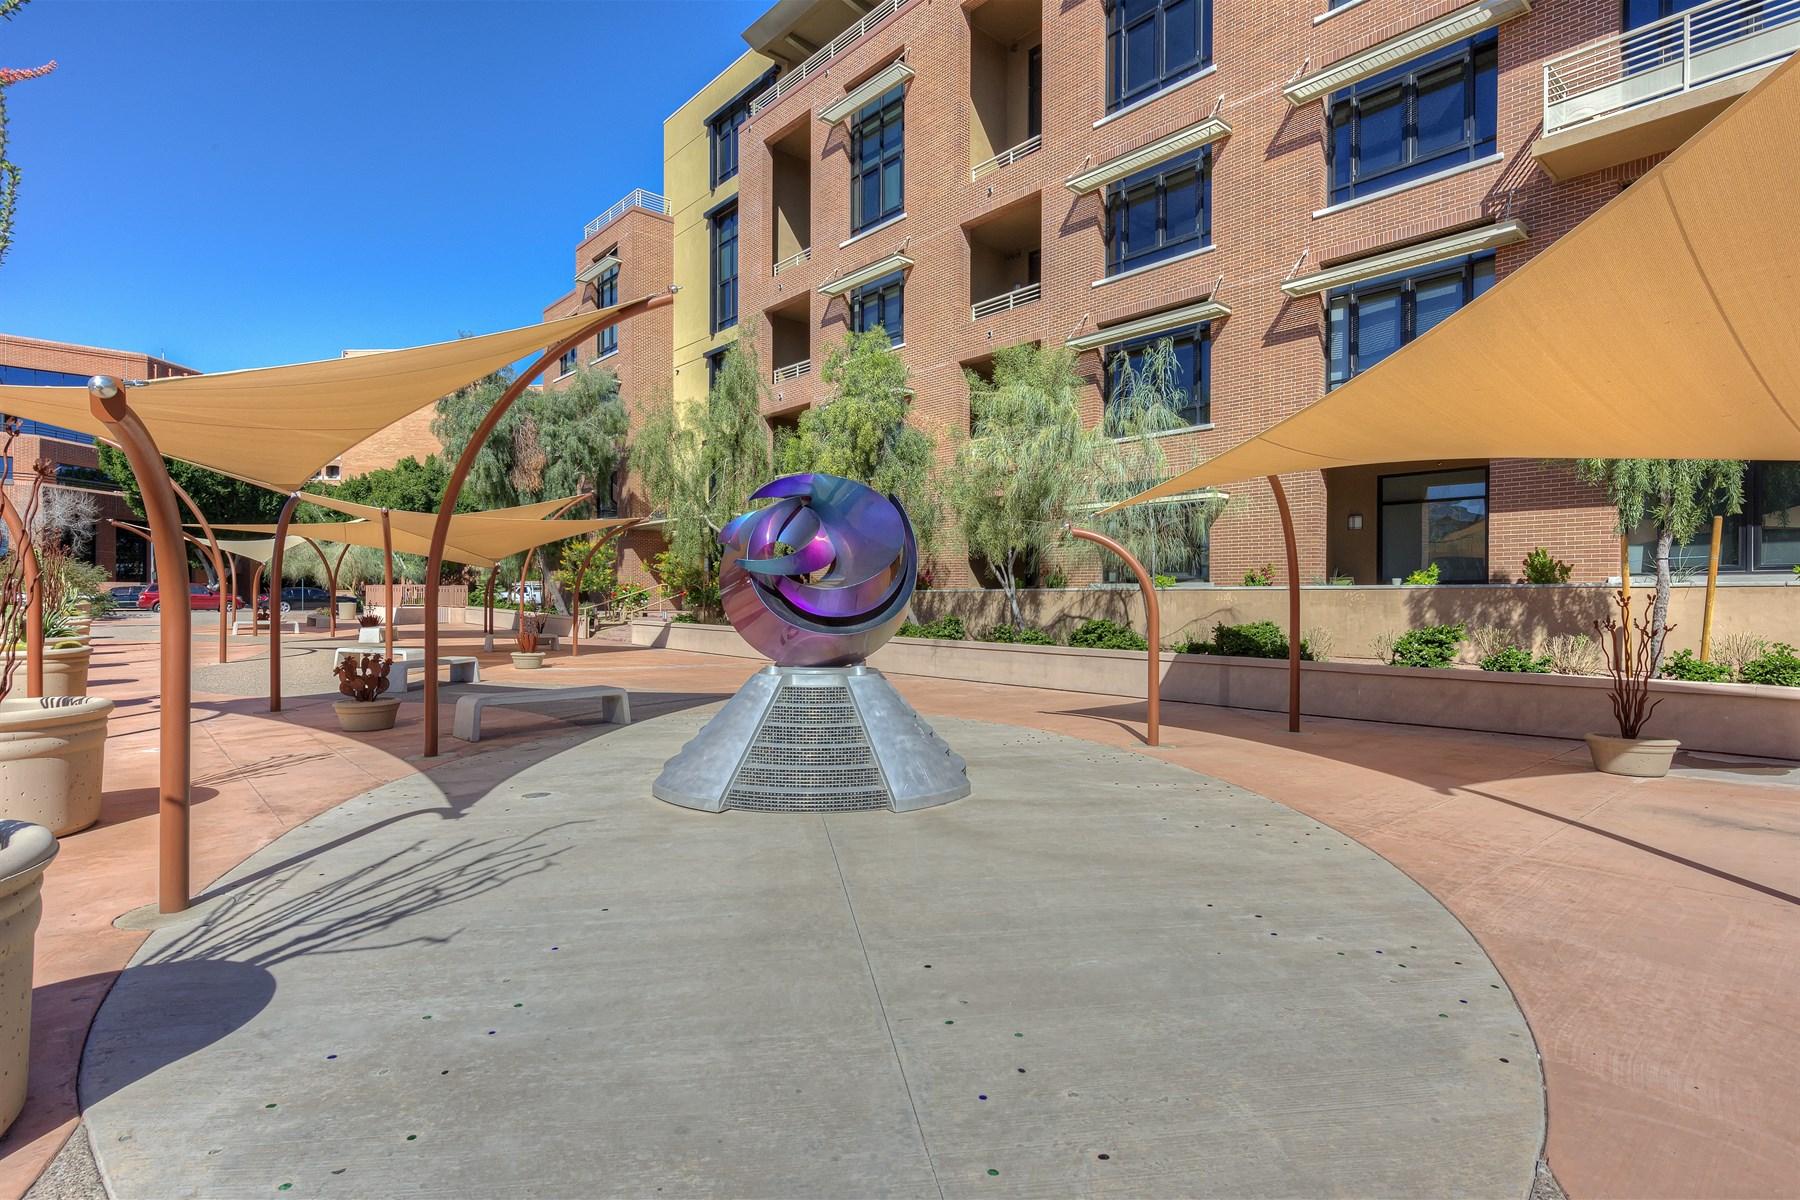 Wohnung für Verkauf beim Tremendous Penthouse Loft in Old Town Scottsdale 7301 N 3rd Ave #PH4-506 Scottsdale, Arizona 85251 Vereinigte Staaten